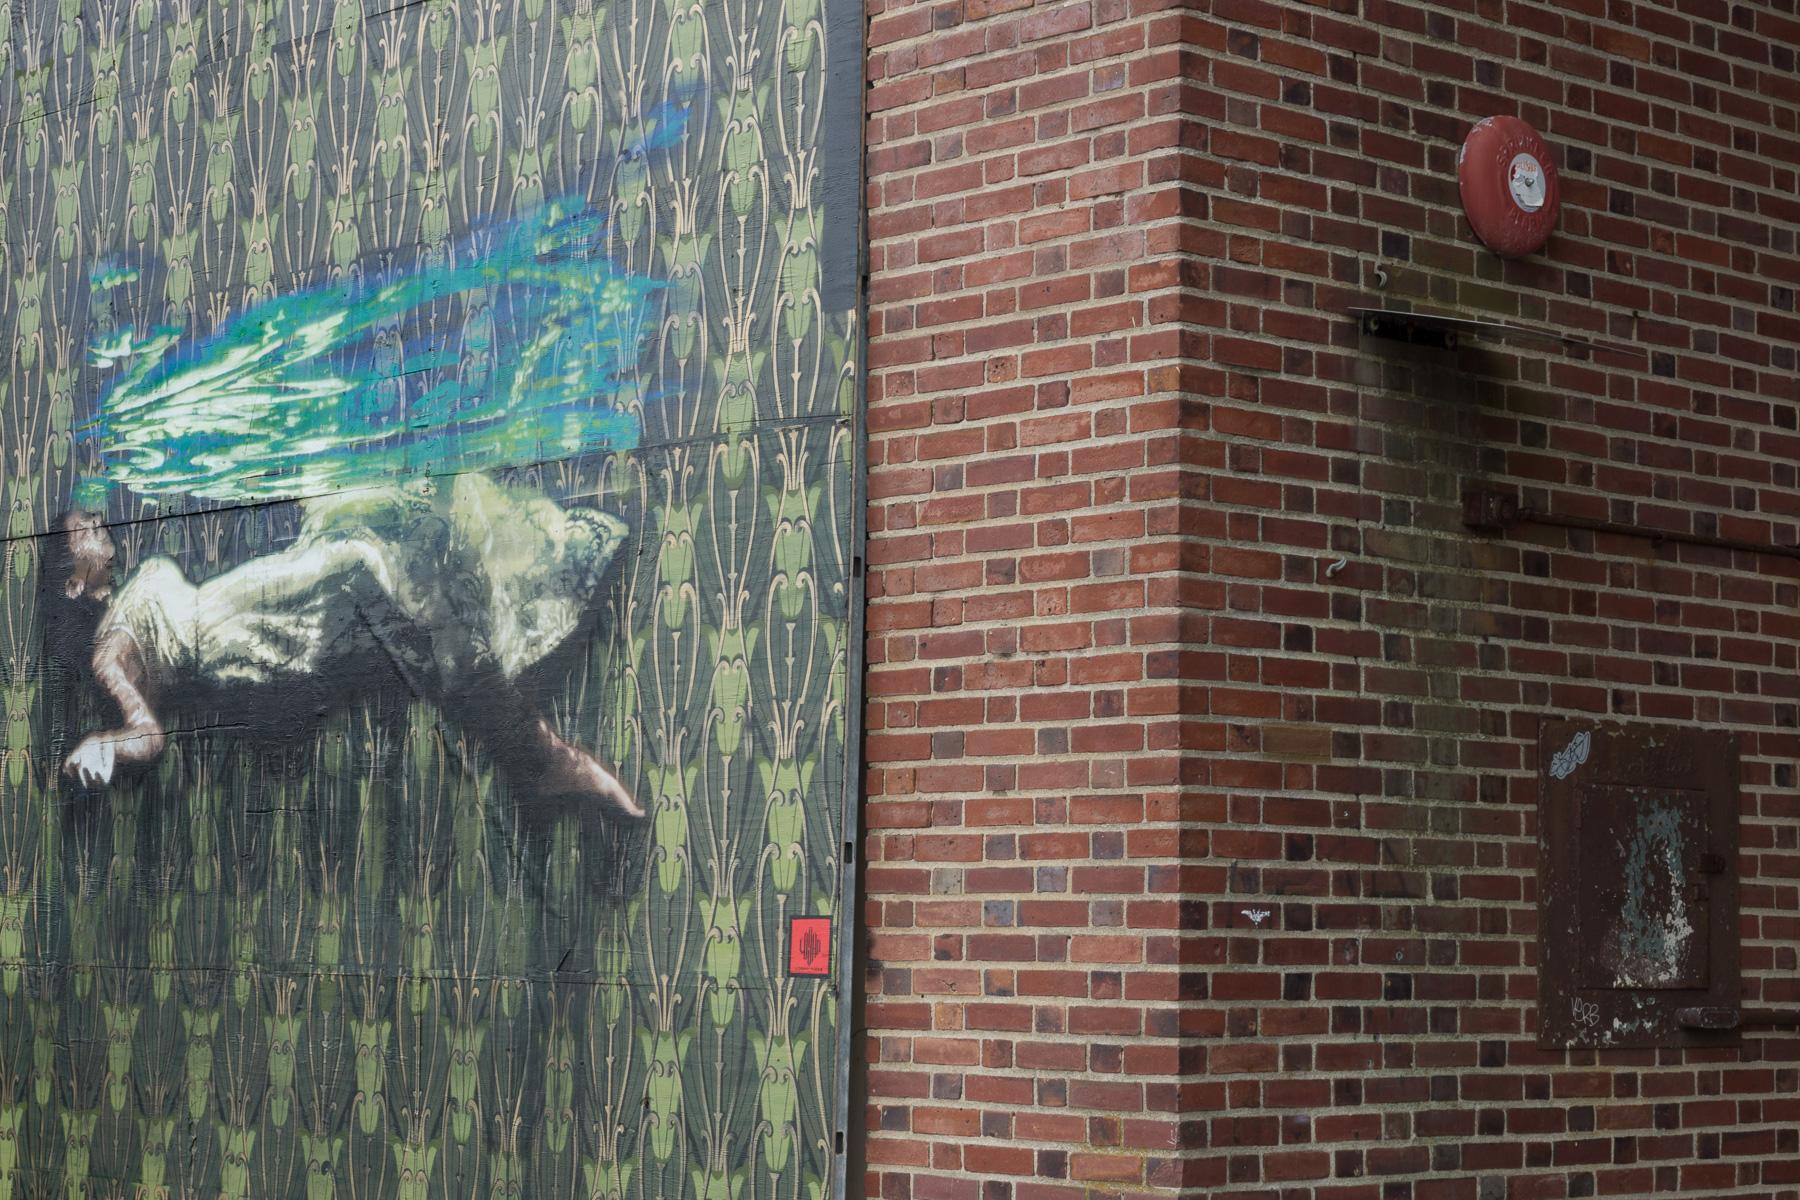 Wall Art and Brick